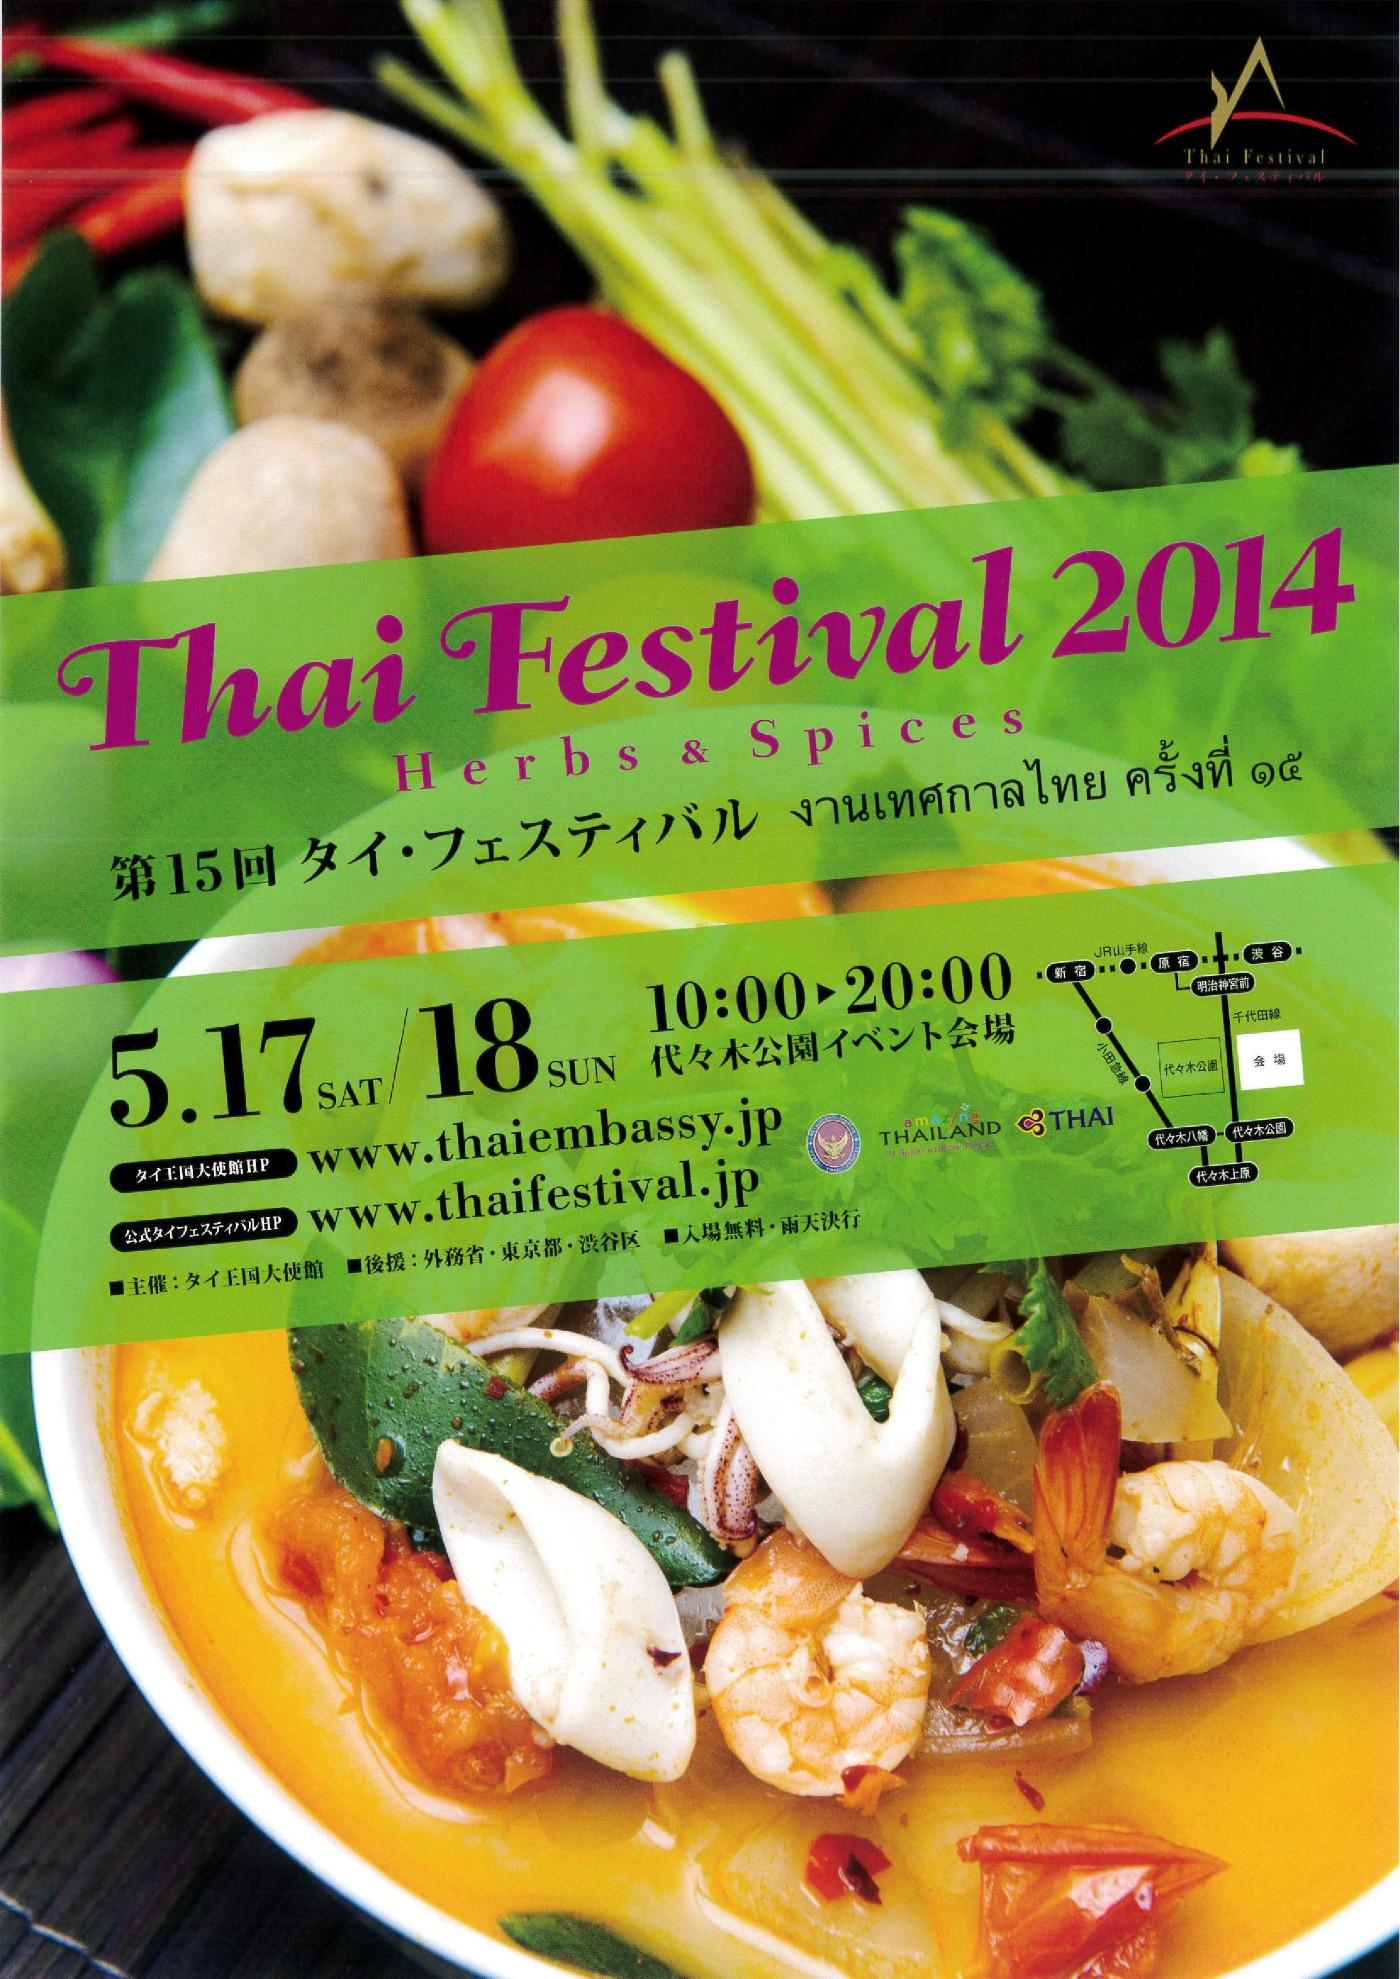 第15回タイフェスティバル2014 ポスター